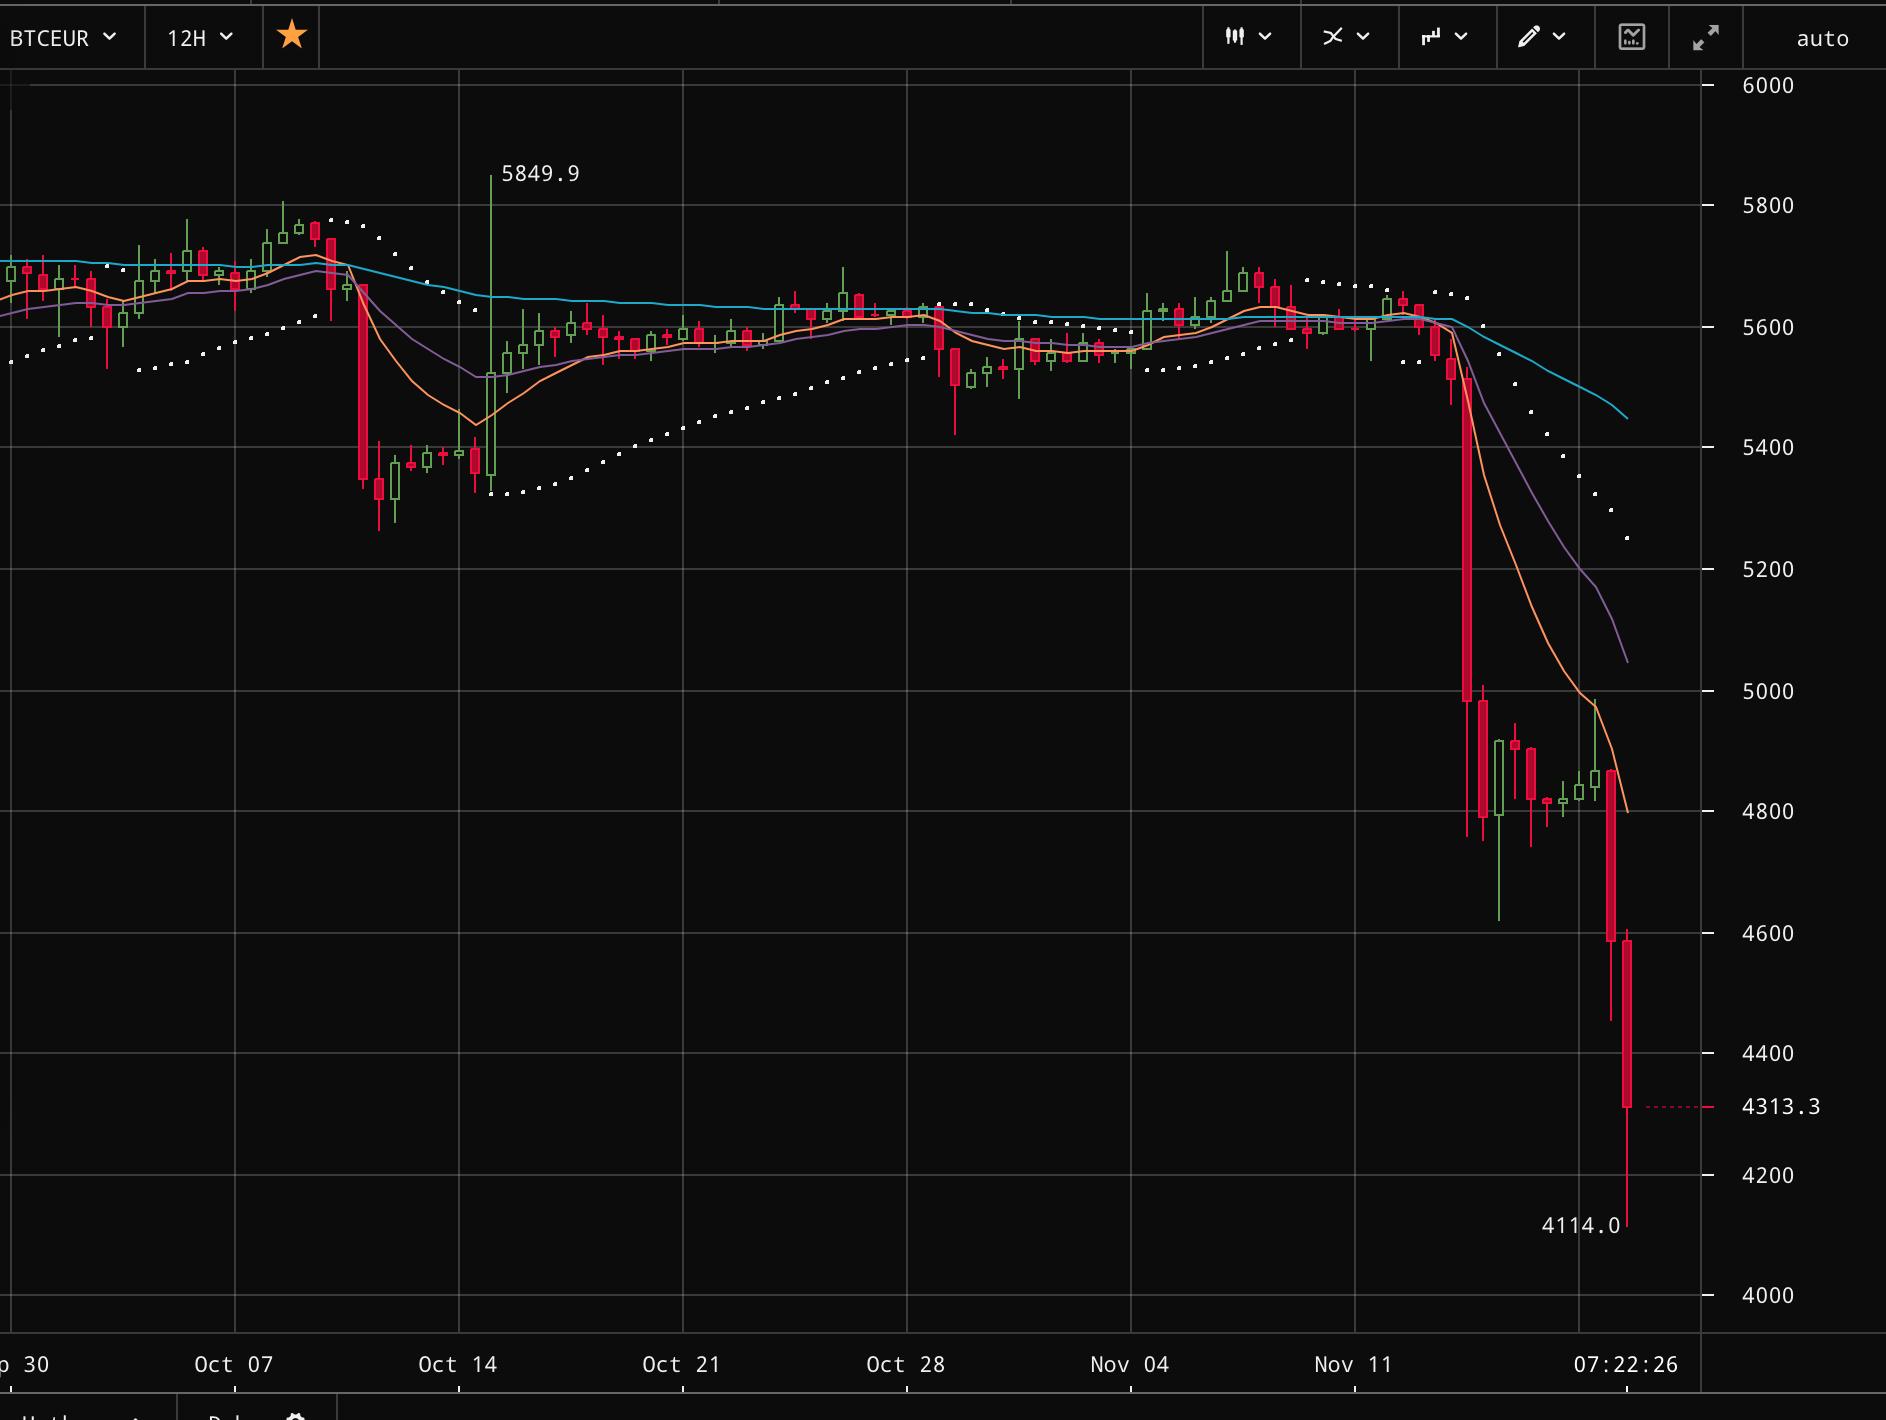 Le bitcoin s'écroule sous la barre des 5 000 dollars